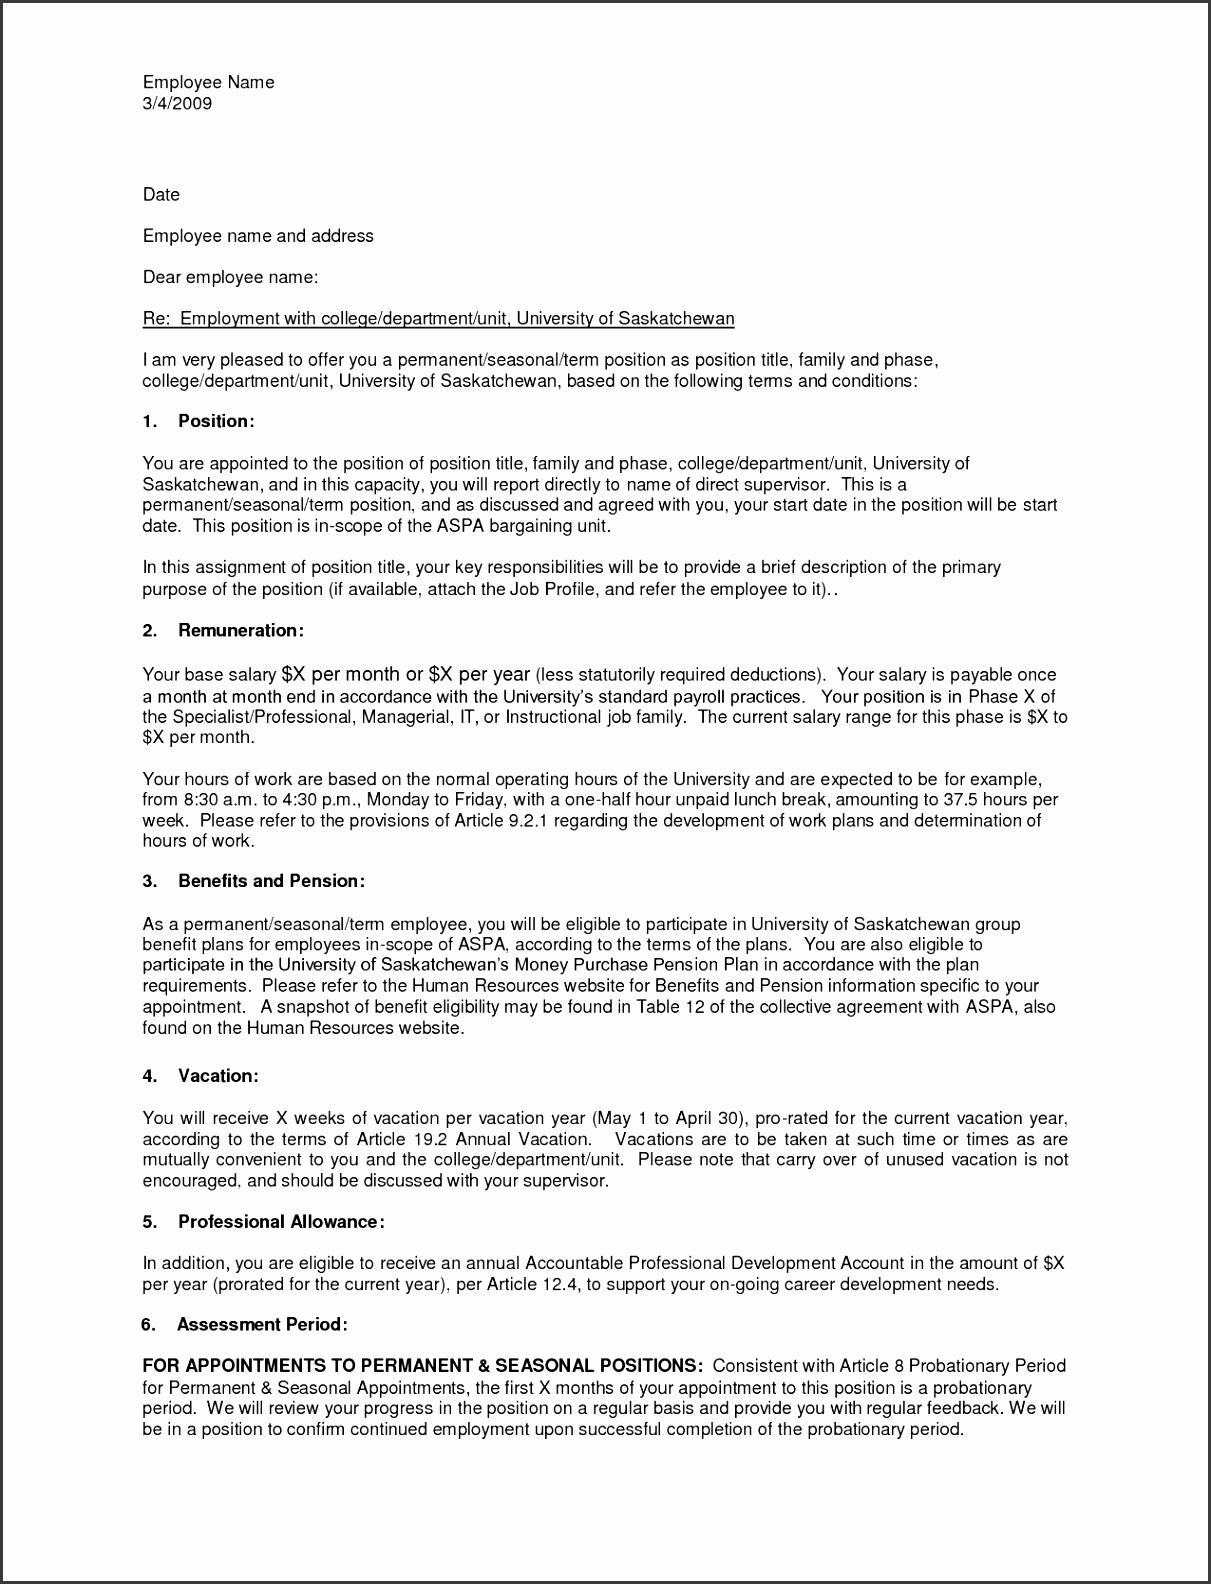 Job offer letter template uk